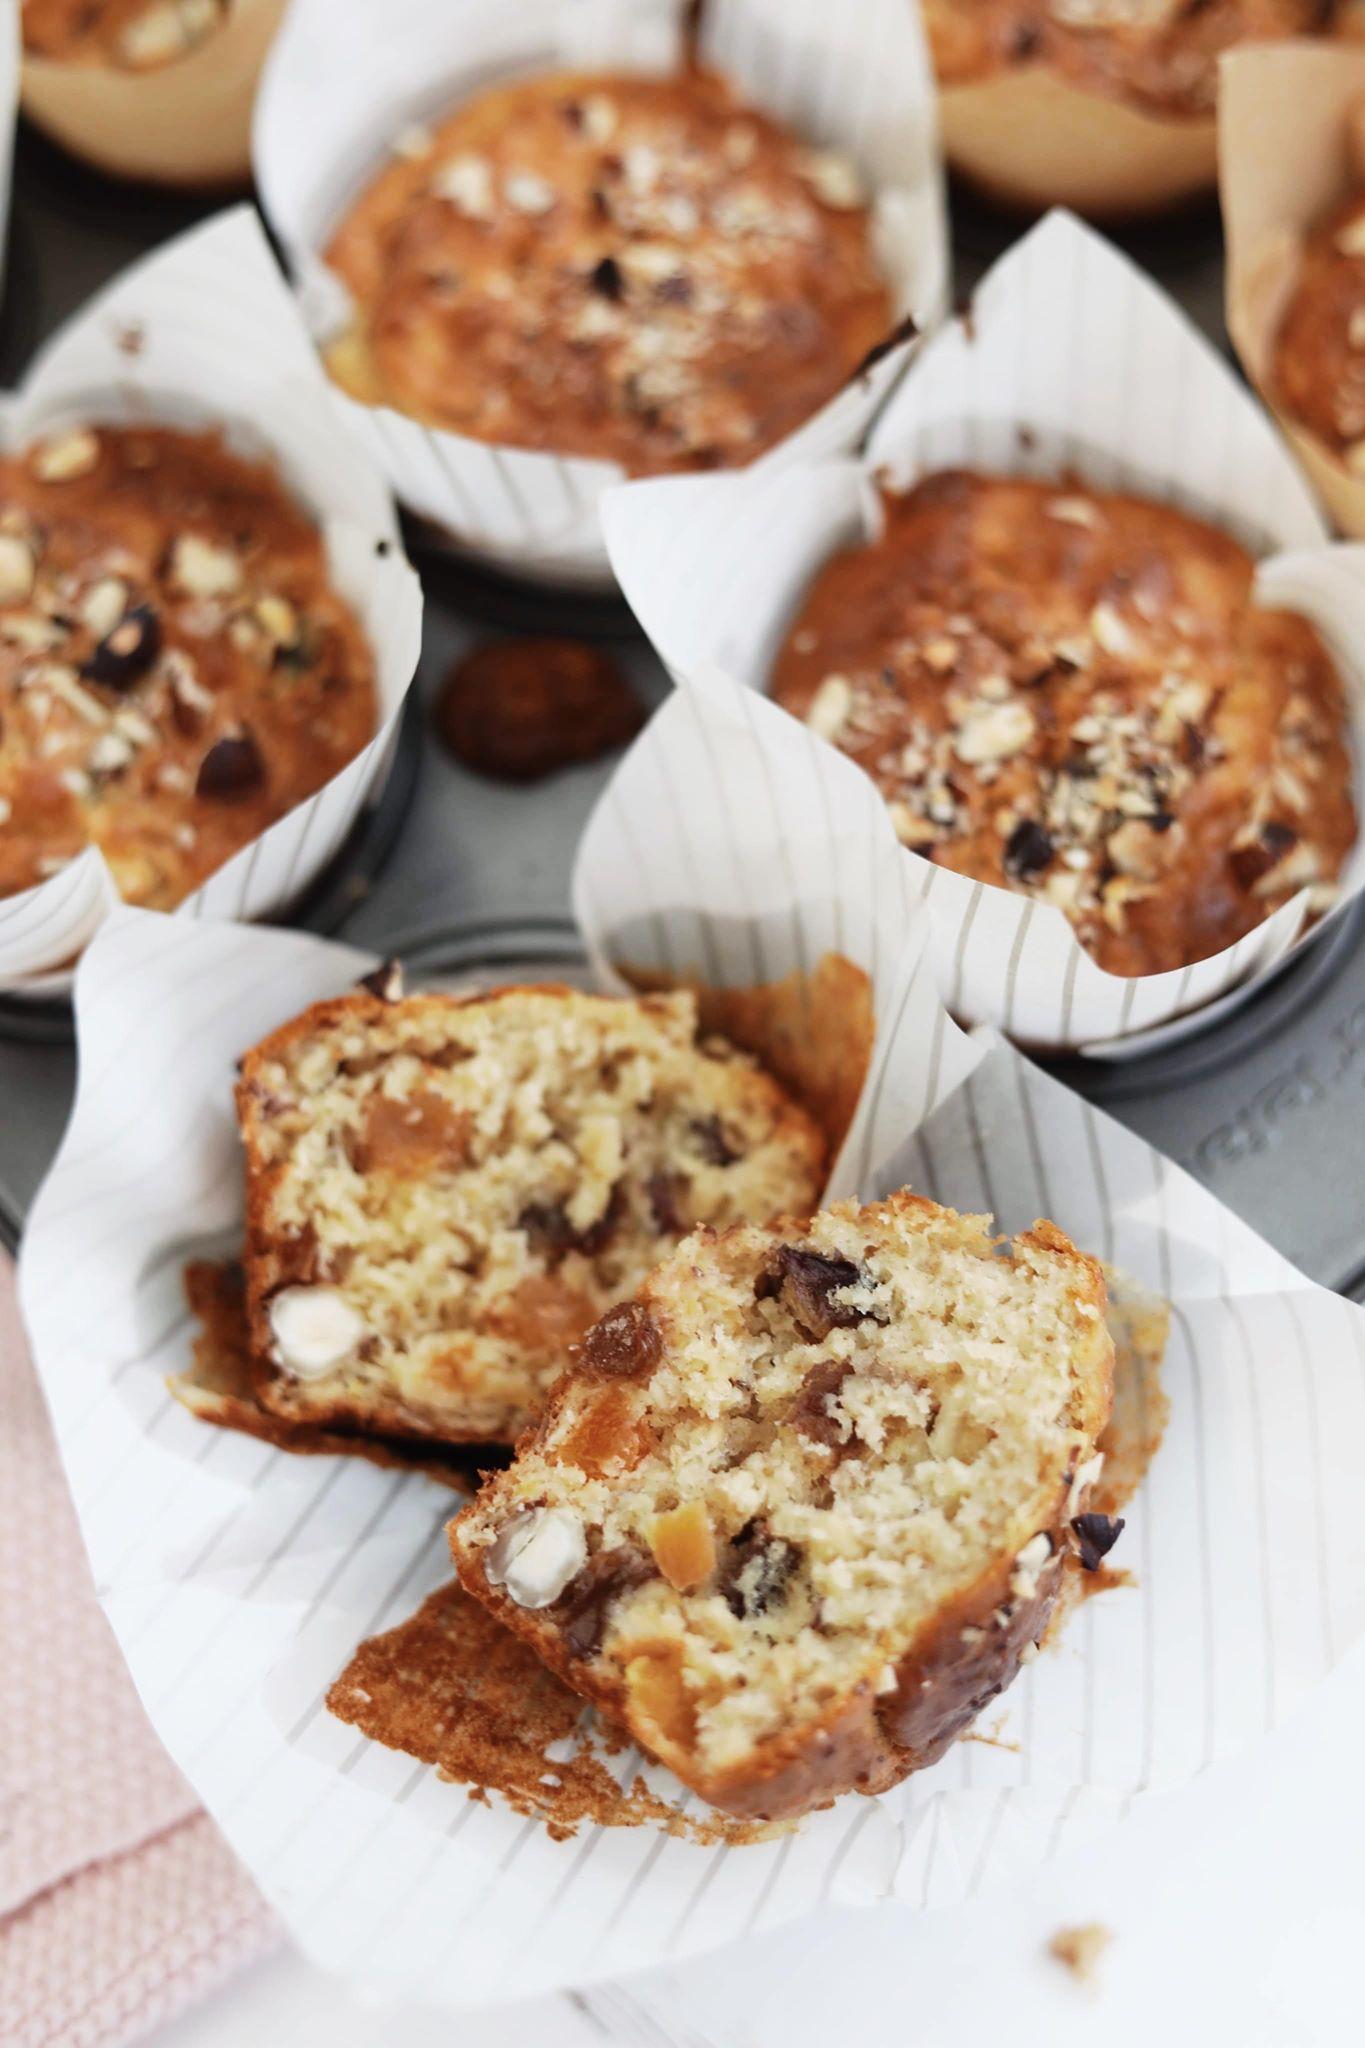 Morgenmadsmuffins med tørrede frugt og nødder